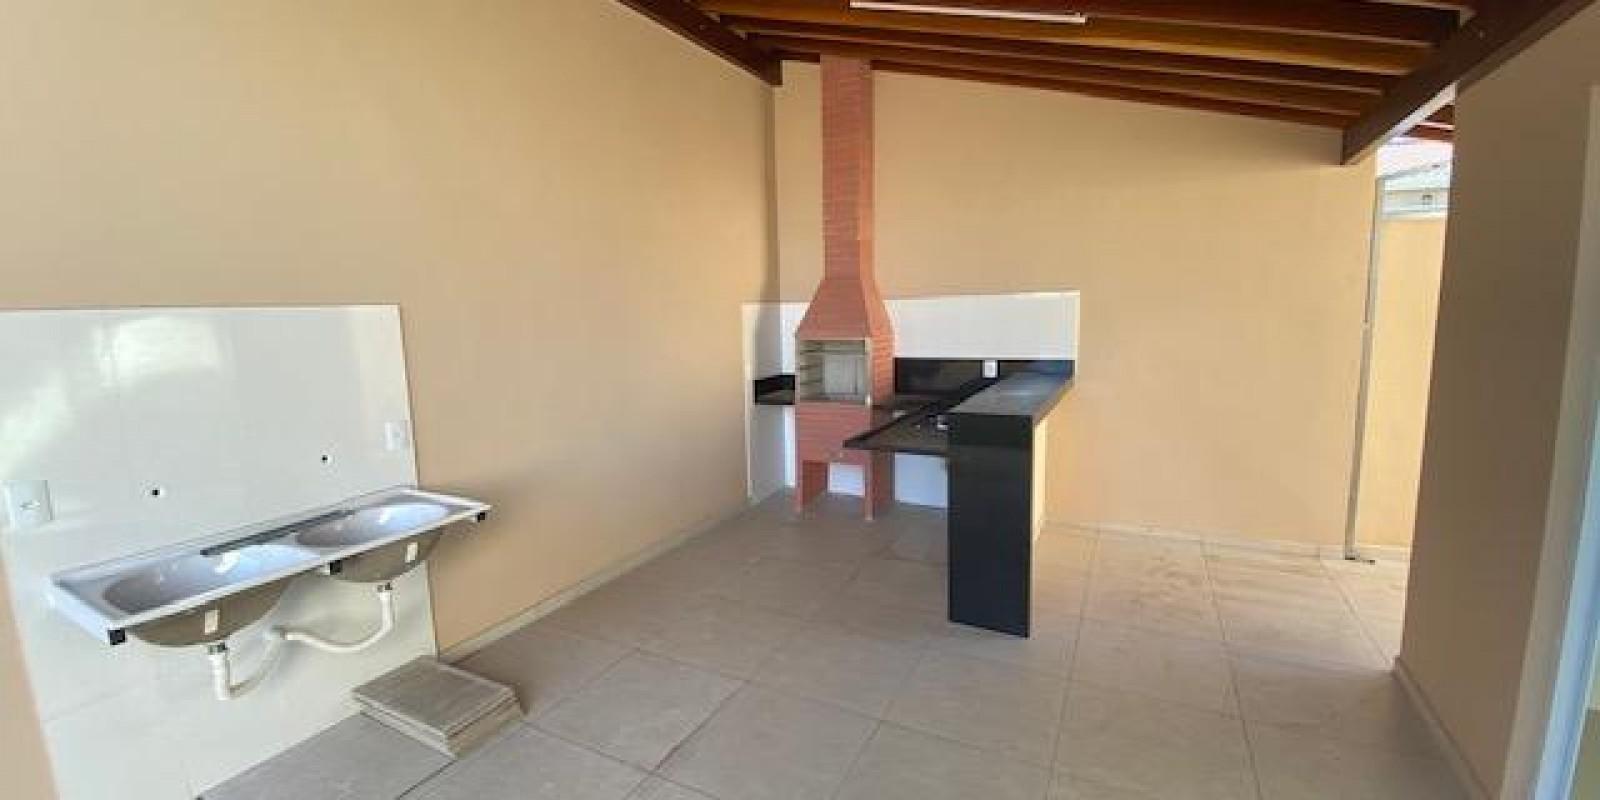 Casa no Bairro Di Fiori em Avaré SP - Foto 15 de 24